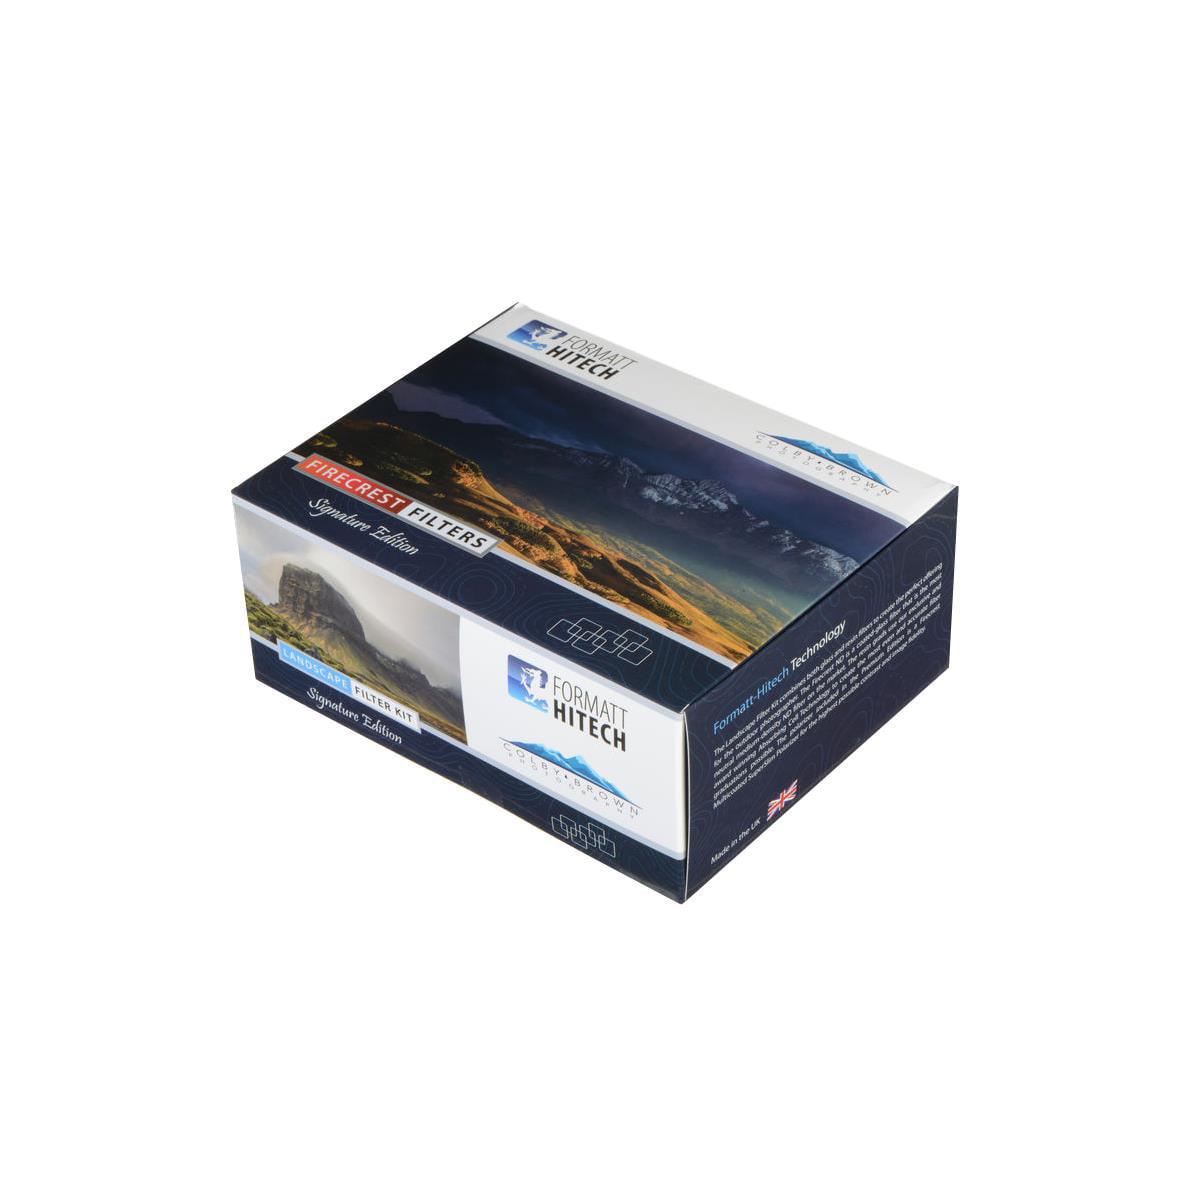 Formatt Hitech Colby Brown 100mm Signature Edition Premier Landscape Filter Kit Includes 100x100mm Firecrest Nd 1 8 Filter 100x150mm Firecrest Gradu Walmart Com Walmart Com